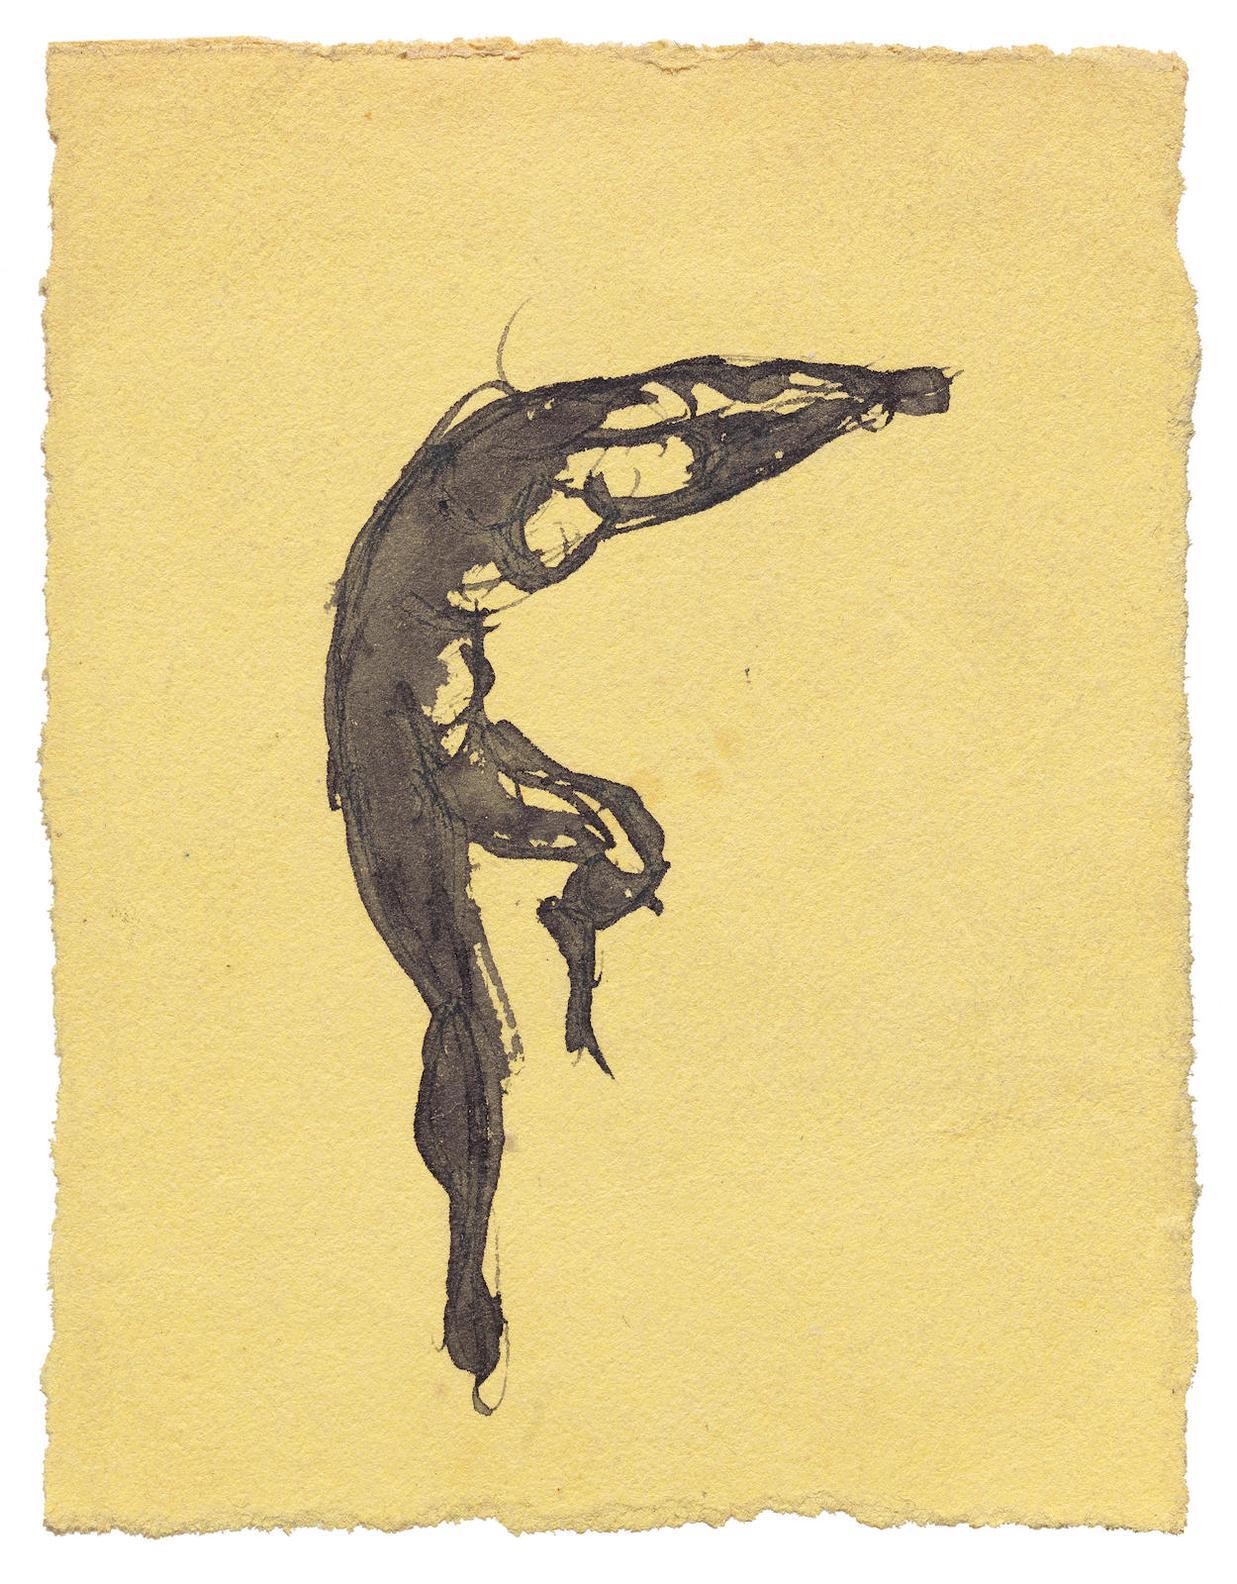 Auguste Rodin-Danseur Courbe Vers La Droite, Un Pied En Lair Et Les Bras Joints Au-Dessus De La Tete - Etude De Patineur Sur Glace?-1870